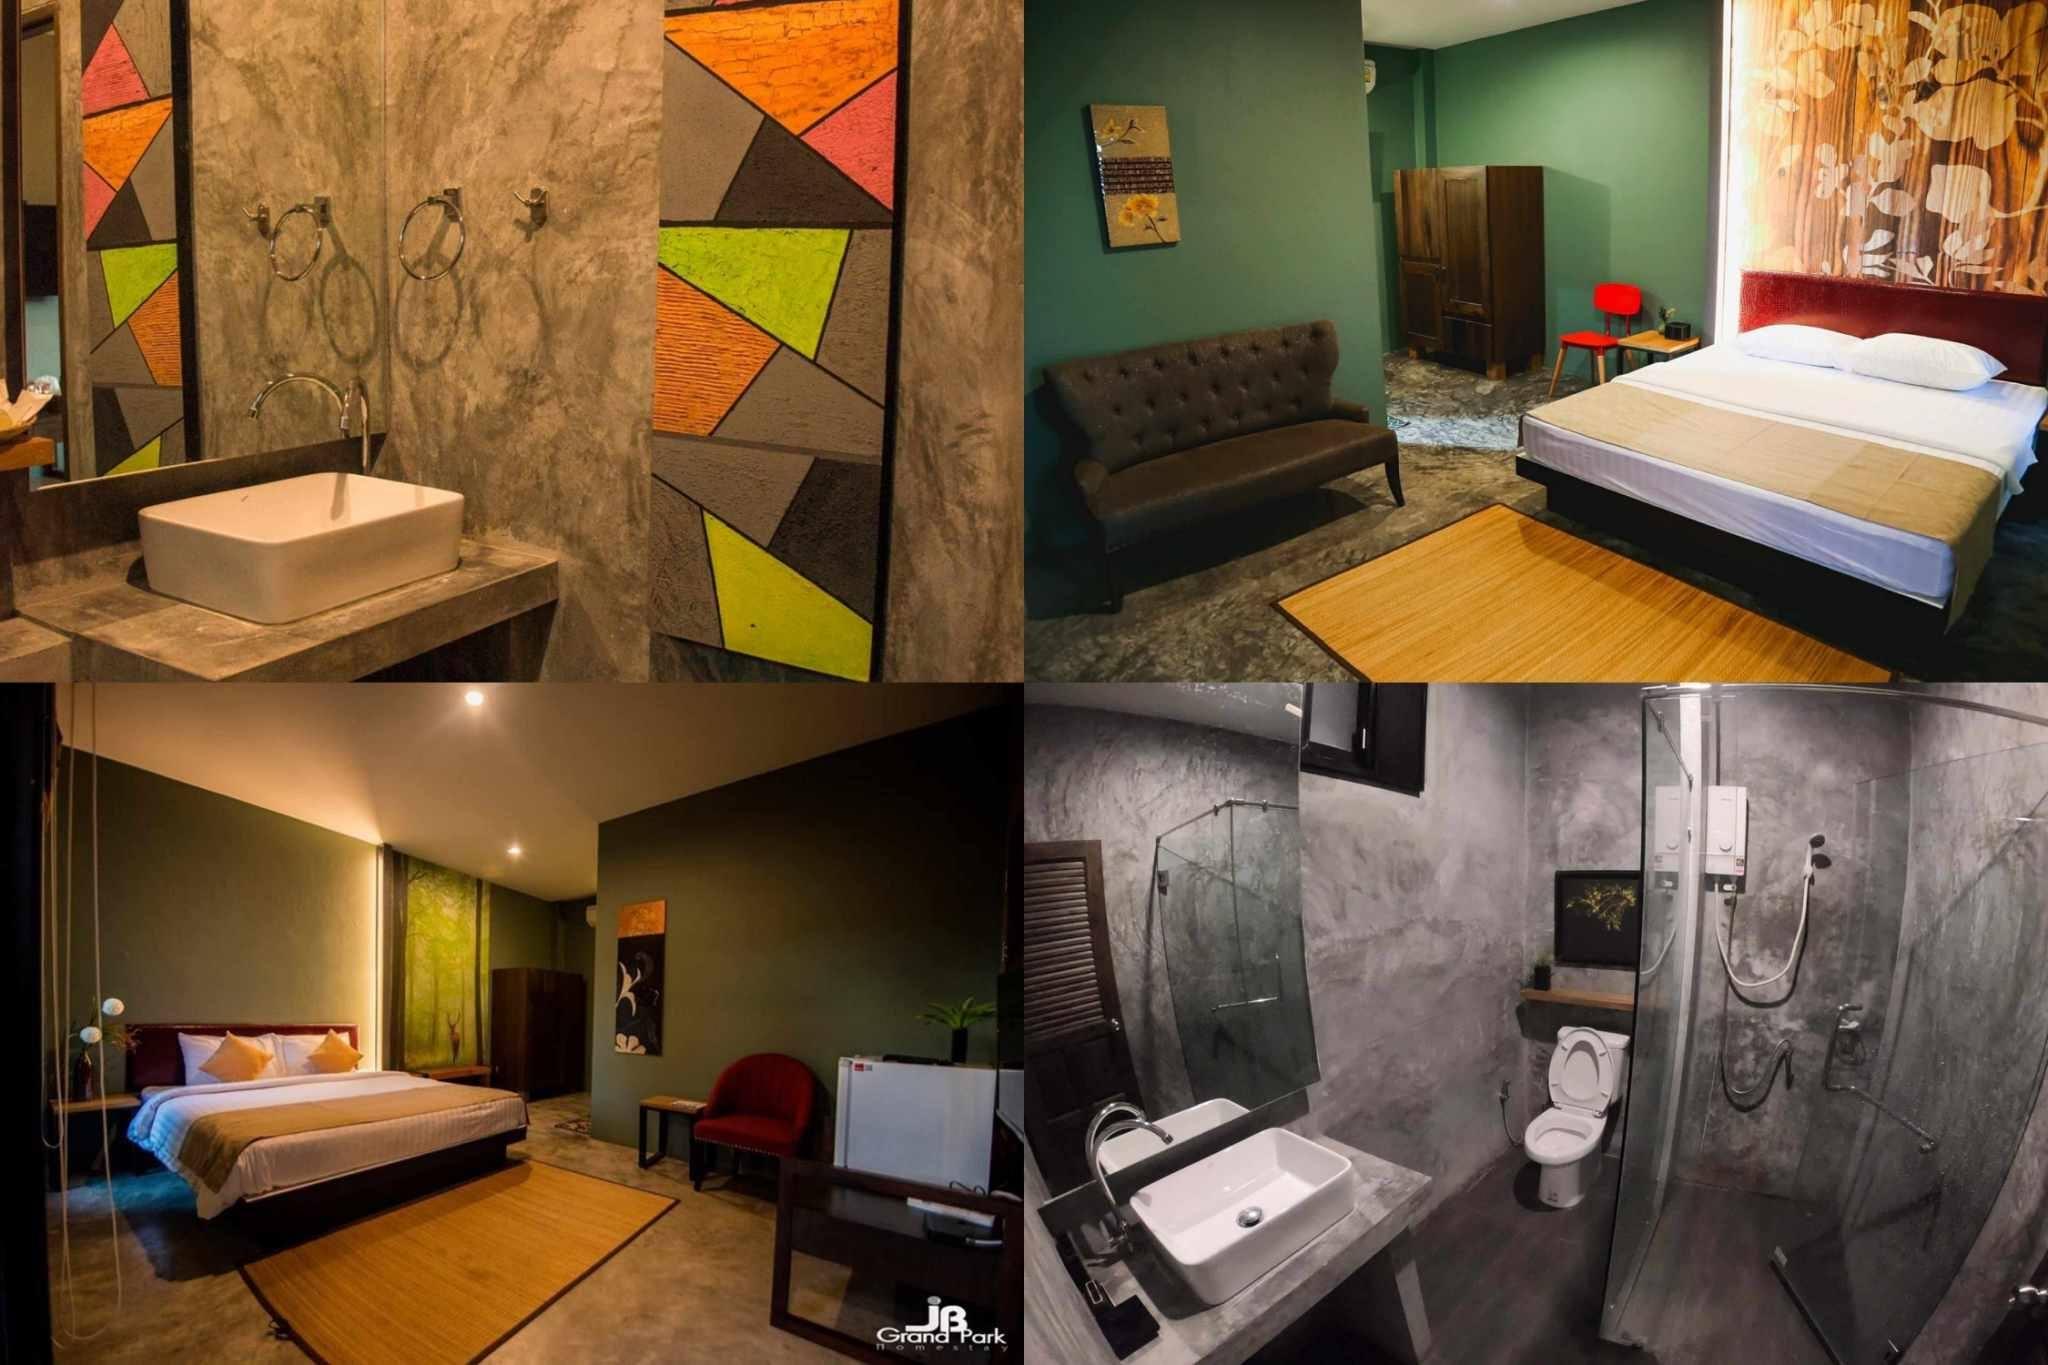 ห้องพักที่ติดกับคาเฟ่-มีห้อง-2-แบบมีเด่นจุดเด่นคือเป็นร้านอาหาร-คาเฟ่-ที่มีห้องสัมมนา-และคาราโอเกะรองรับด้วยครับ ที่พัก,นครศรีธรรมราช,โรมแรม,รีสอร์ท,อพาร์ทเม้นต์,กลางเมือง,ห้องพัก,วิวหลักล้าน,คาเฟ่